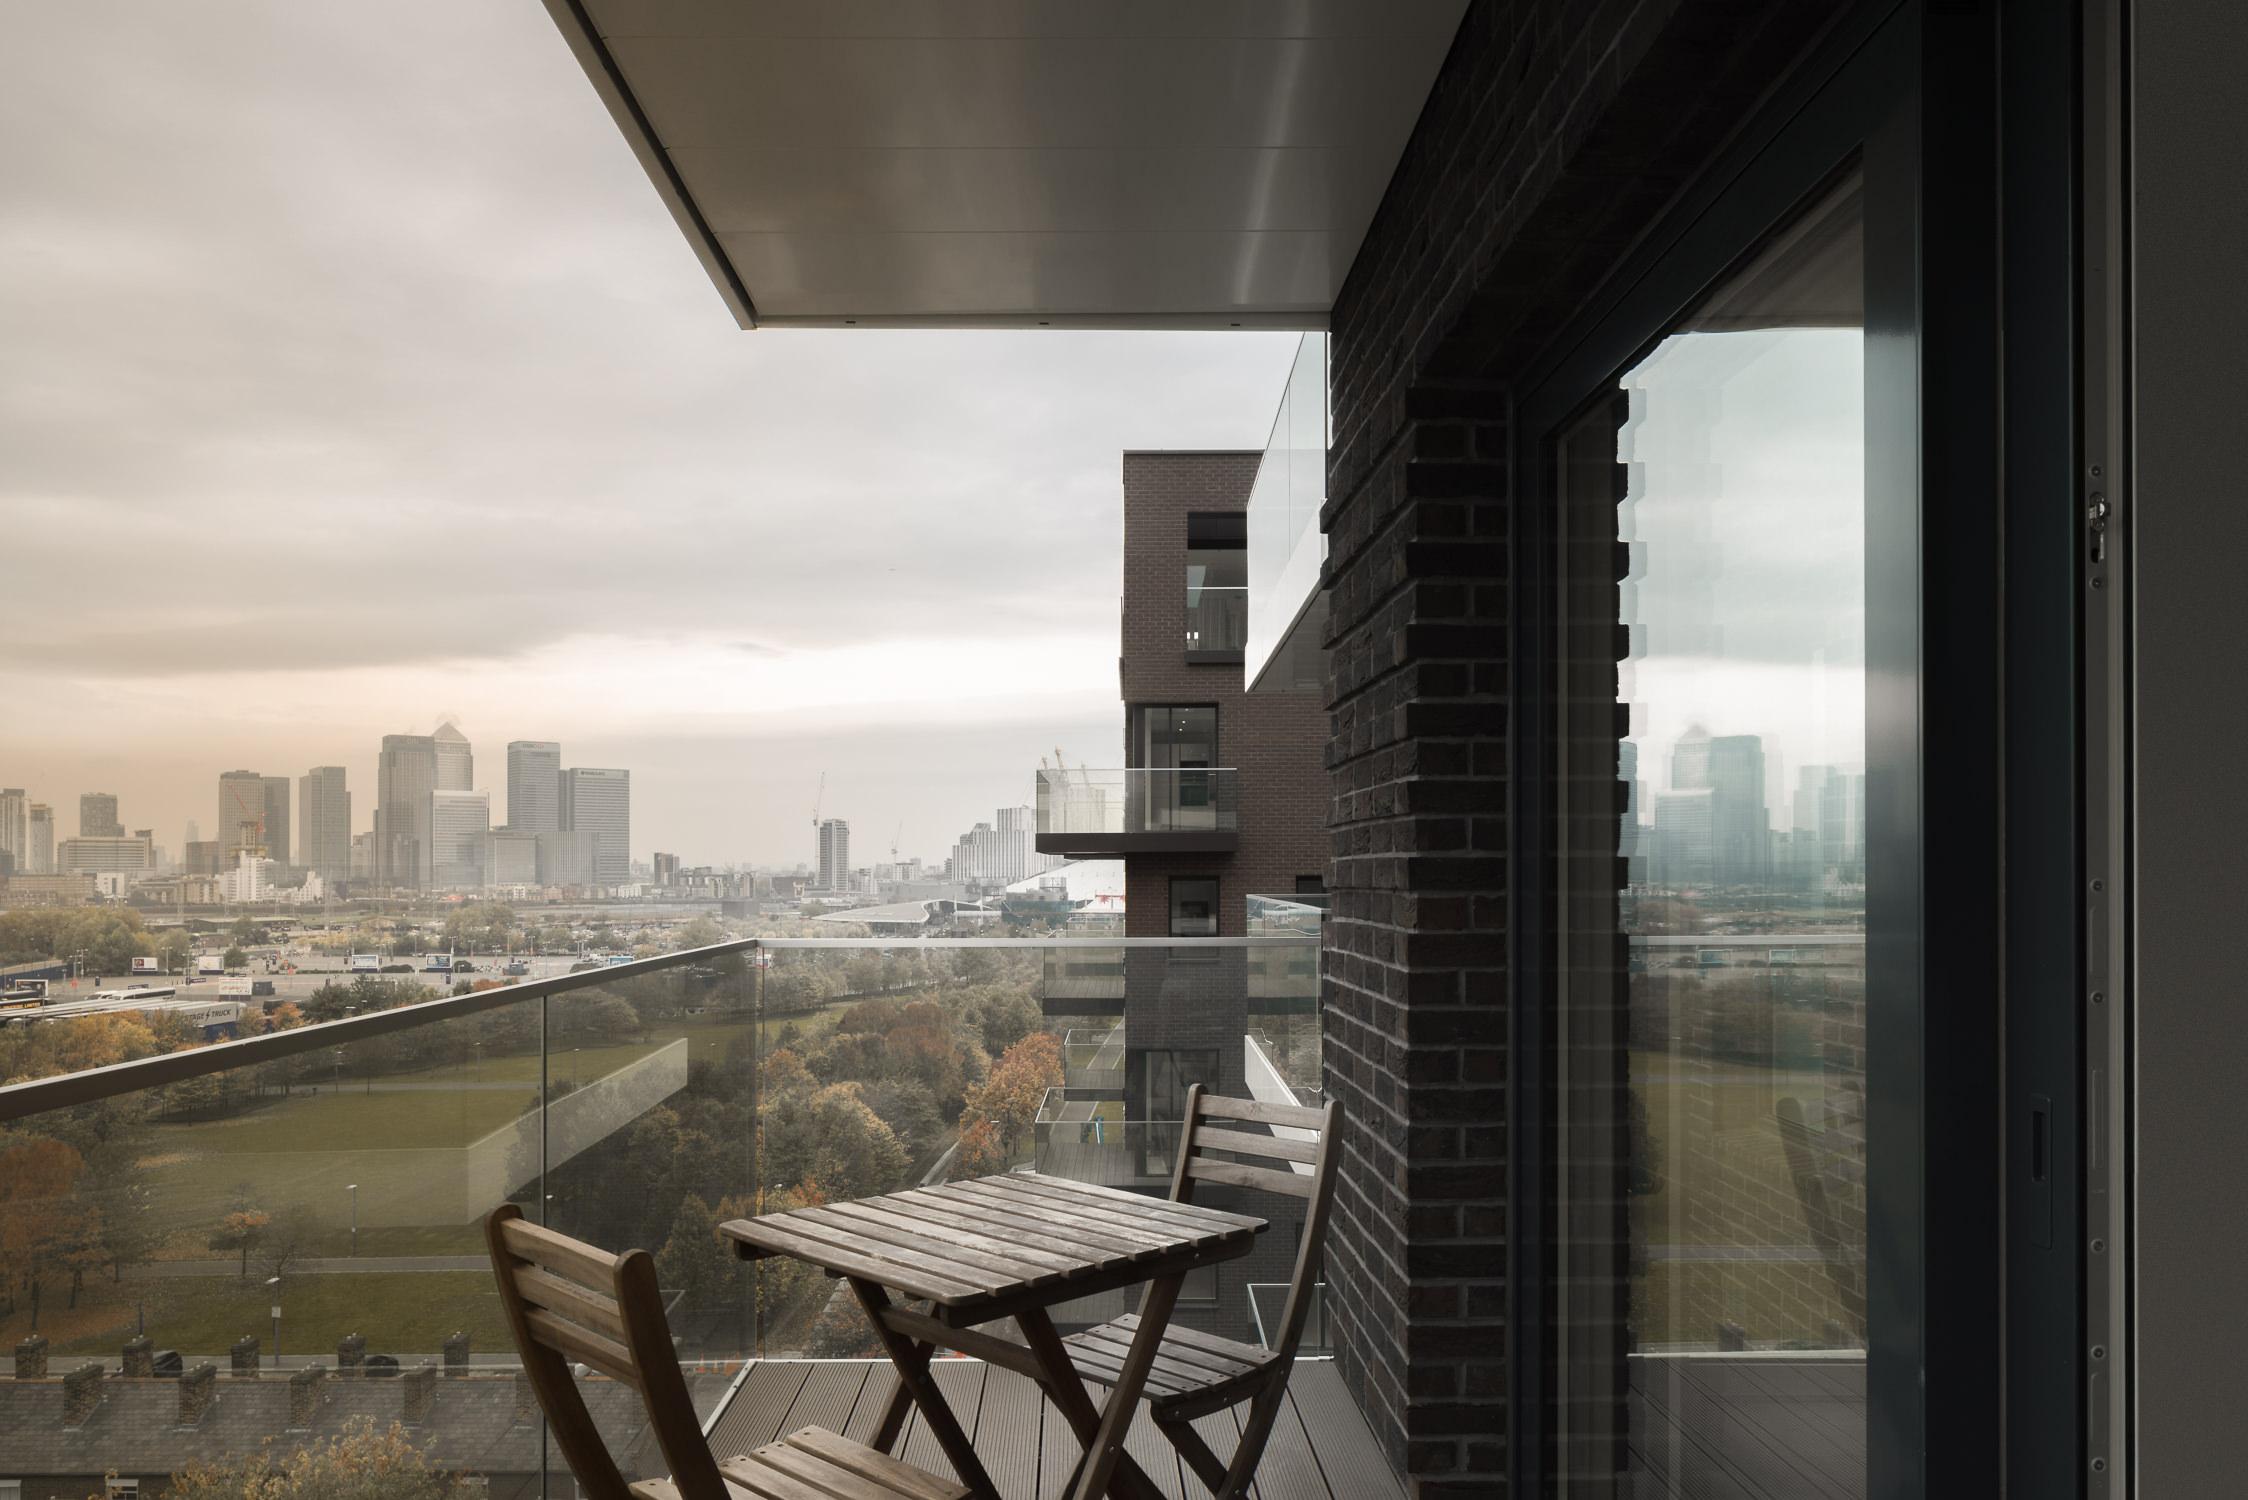 mark-hadden-architecture-photographer-architectuur-interieur-fotografie-london-amsterdam-cf-moller-greenwich-395.jpg